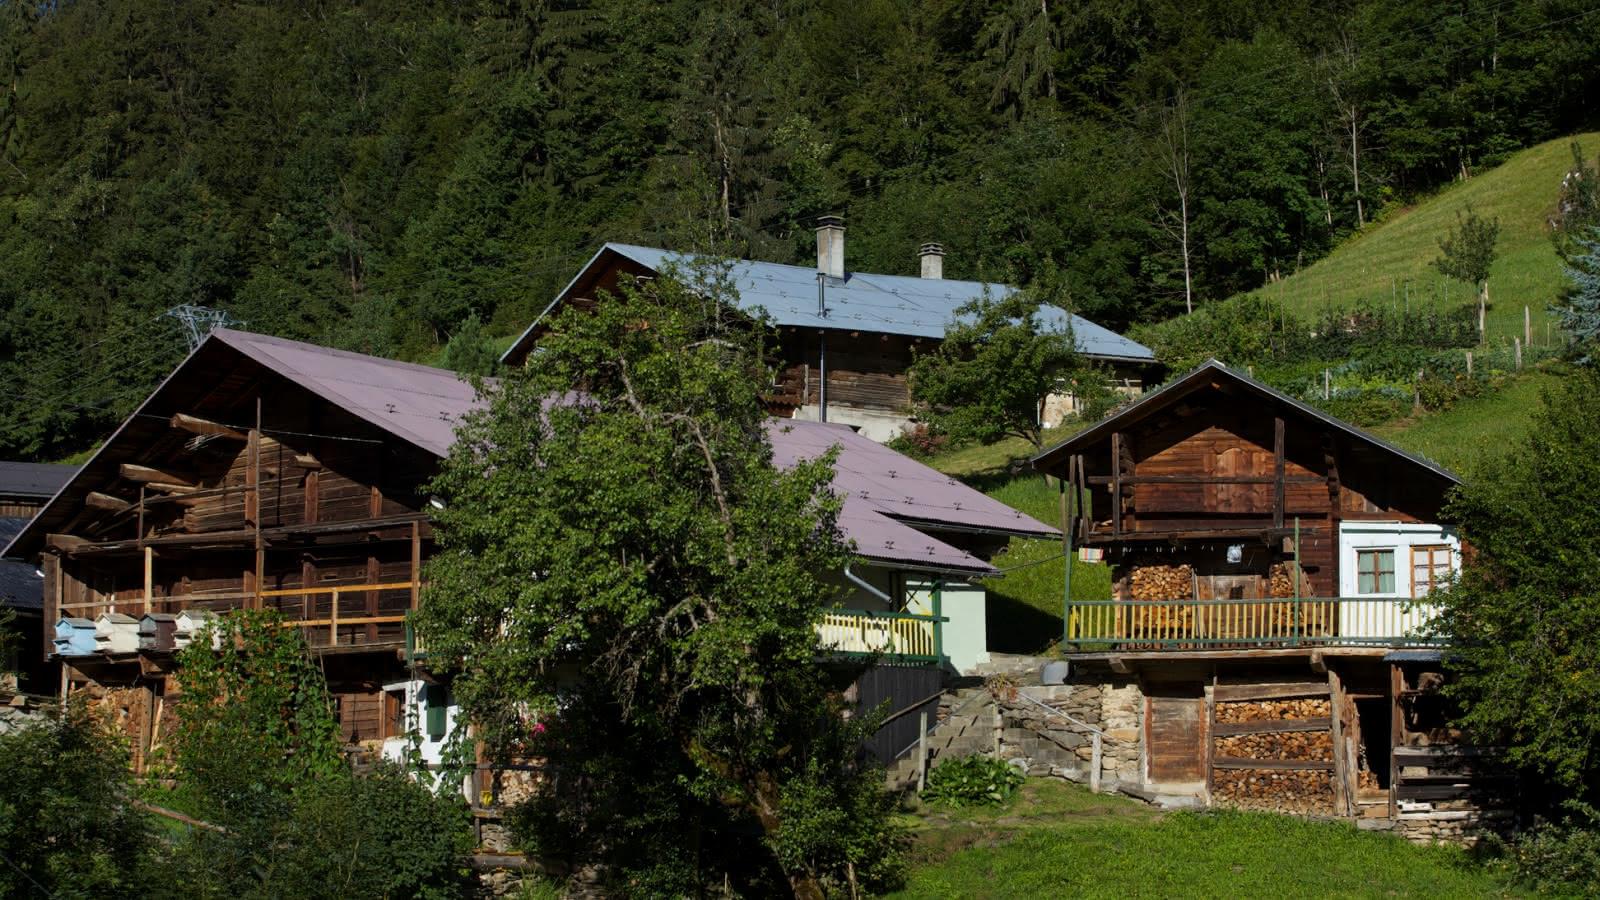 Le hameau des Côtes sur la commune de Hauteluce